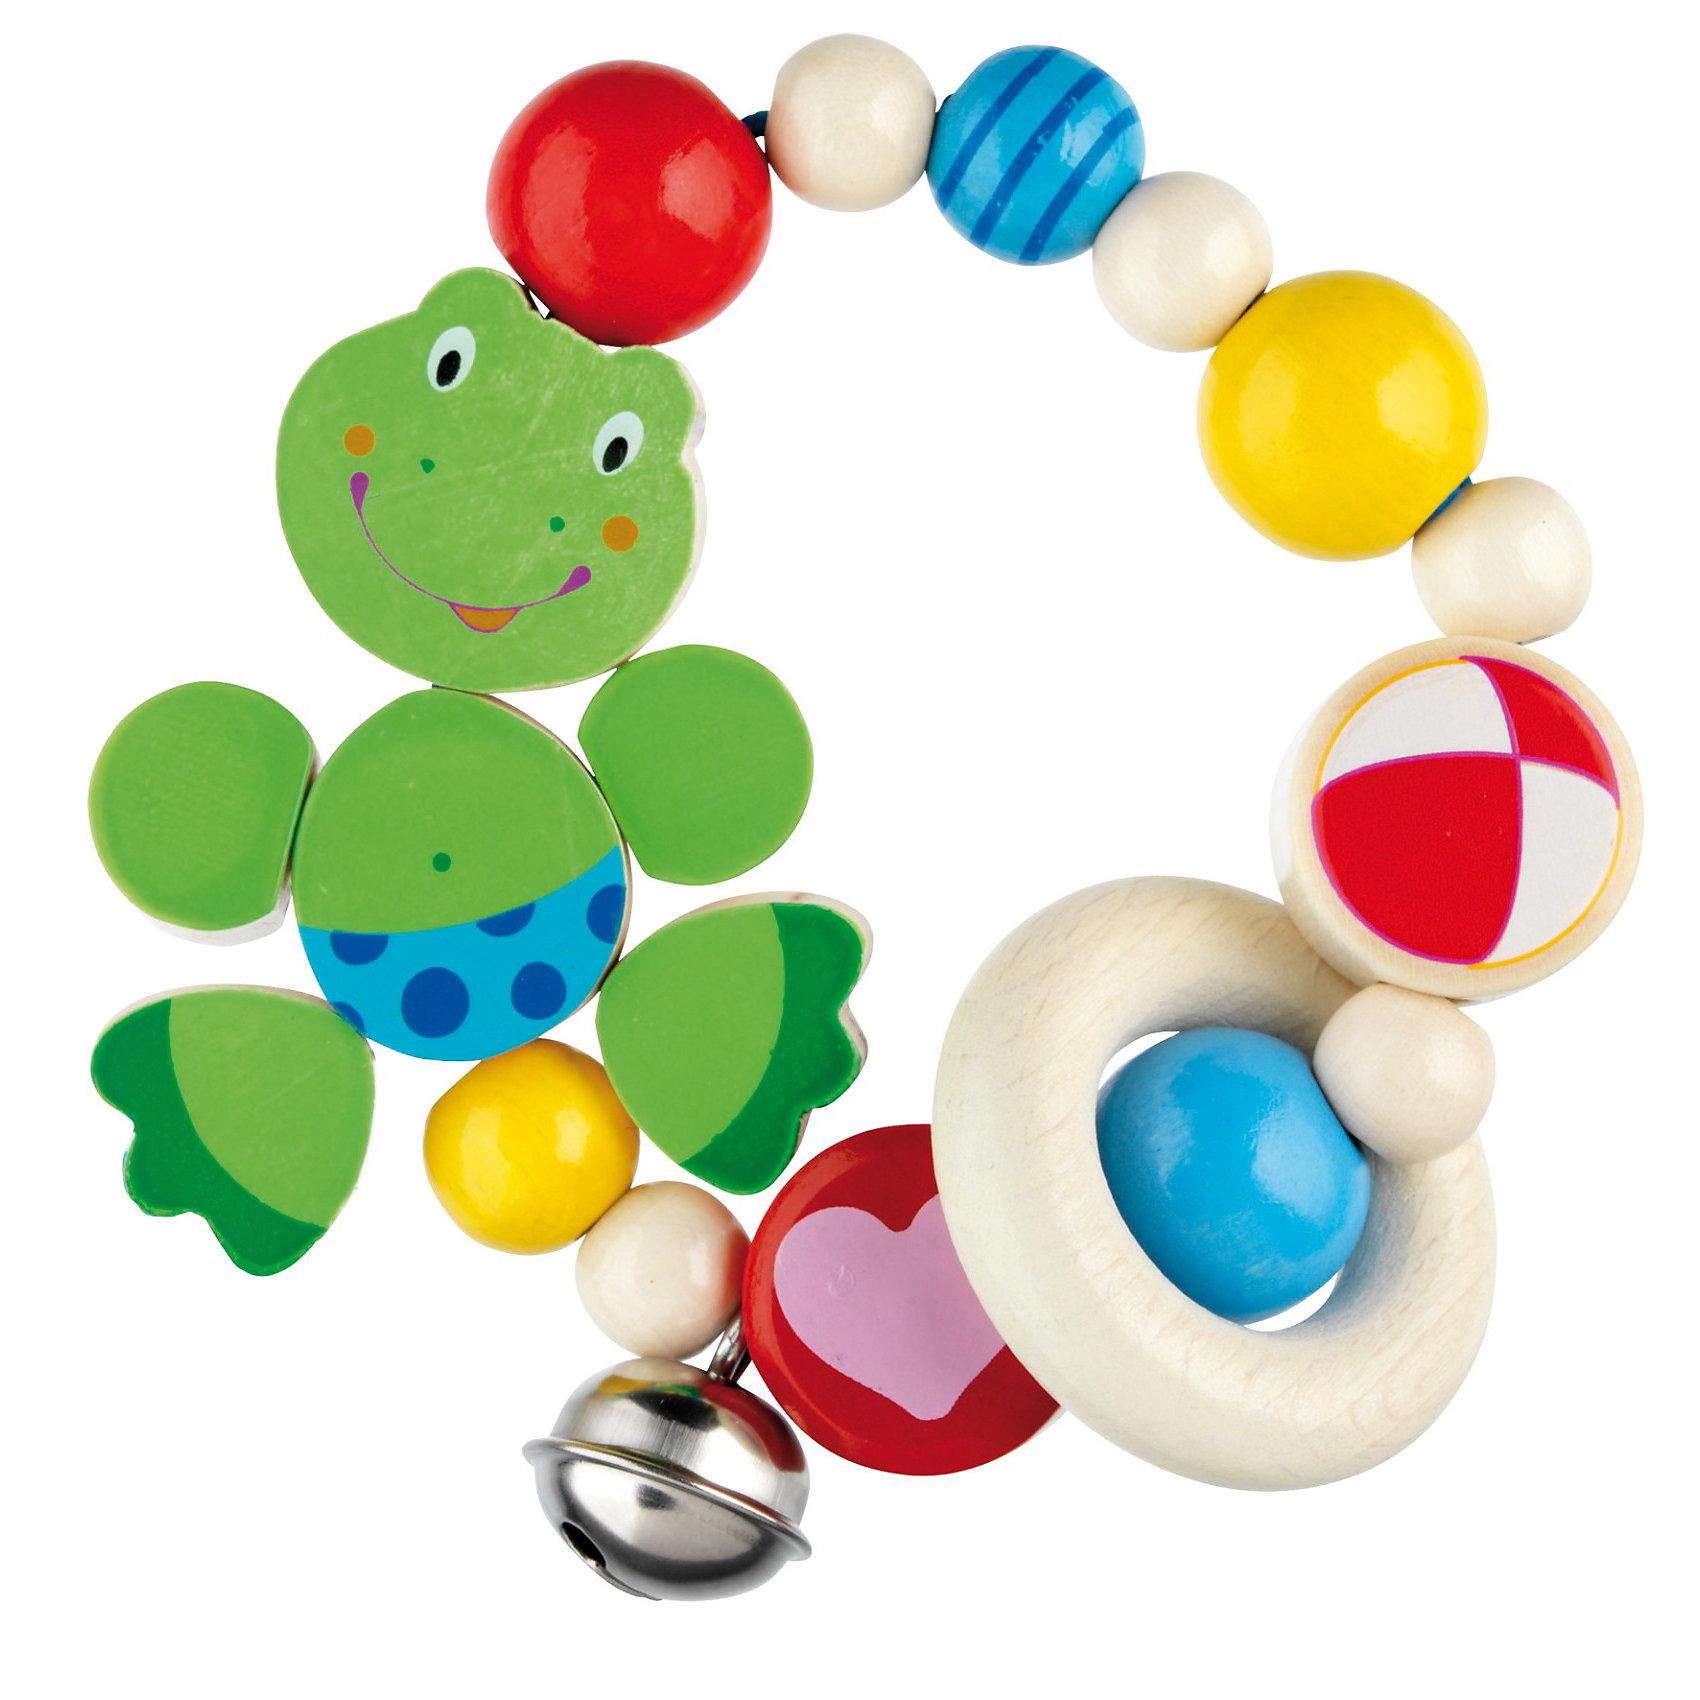 Игрушка-кольцо эластик Лягушонок , HEIMESSПрорезыватели<br>Удобная  для маленьких ручек игрушка-прорезыватель. Абсолютно безопасные очень стойкие краски на водной основе. Бусинки закреплены особо прочным шнуром.<br><br>Ширина мм: 171<br>Глубина мм: 147<br>Высота мм: 27<br>Вес г: 56<br>Возраст от месяцев: 3<br>Возраст до месяцев: 10<br>Пол: Унисекс<br>Возраст: Детский<br>SKU: 2603962